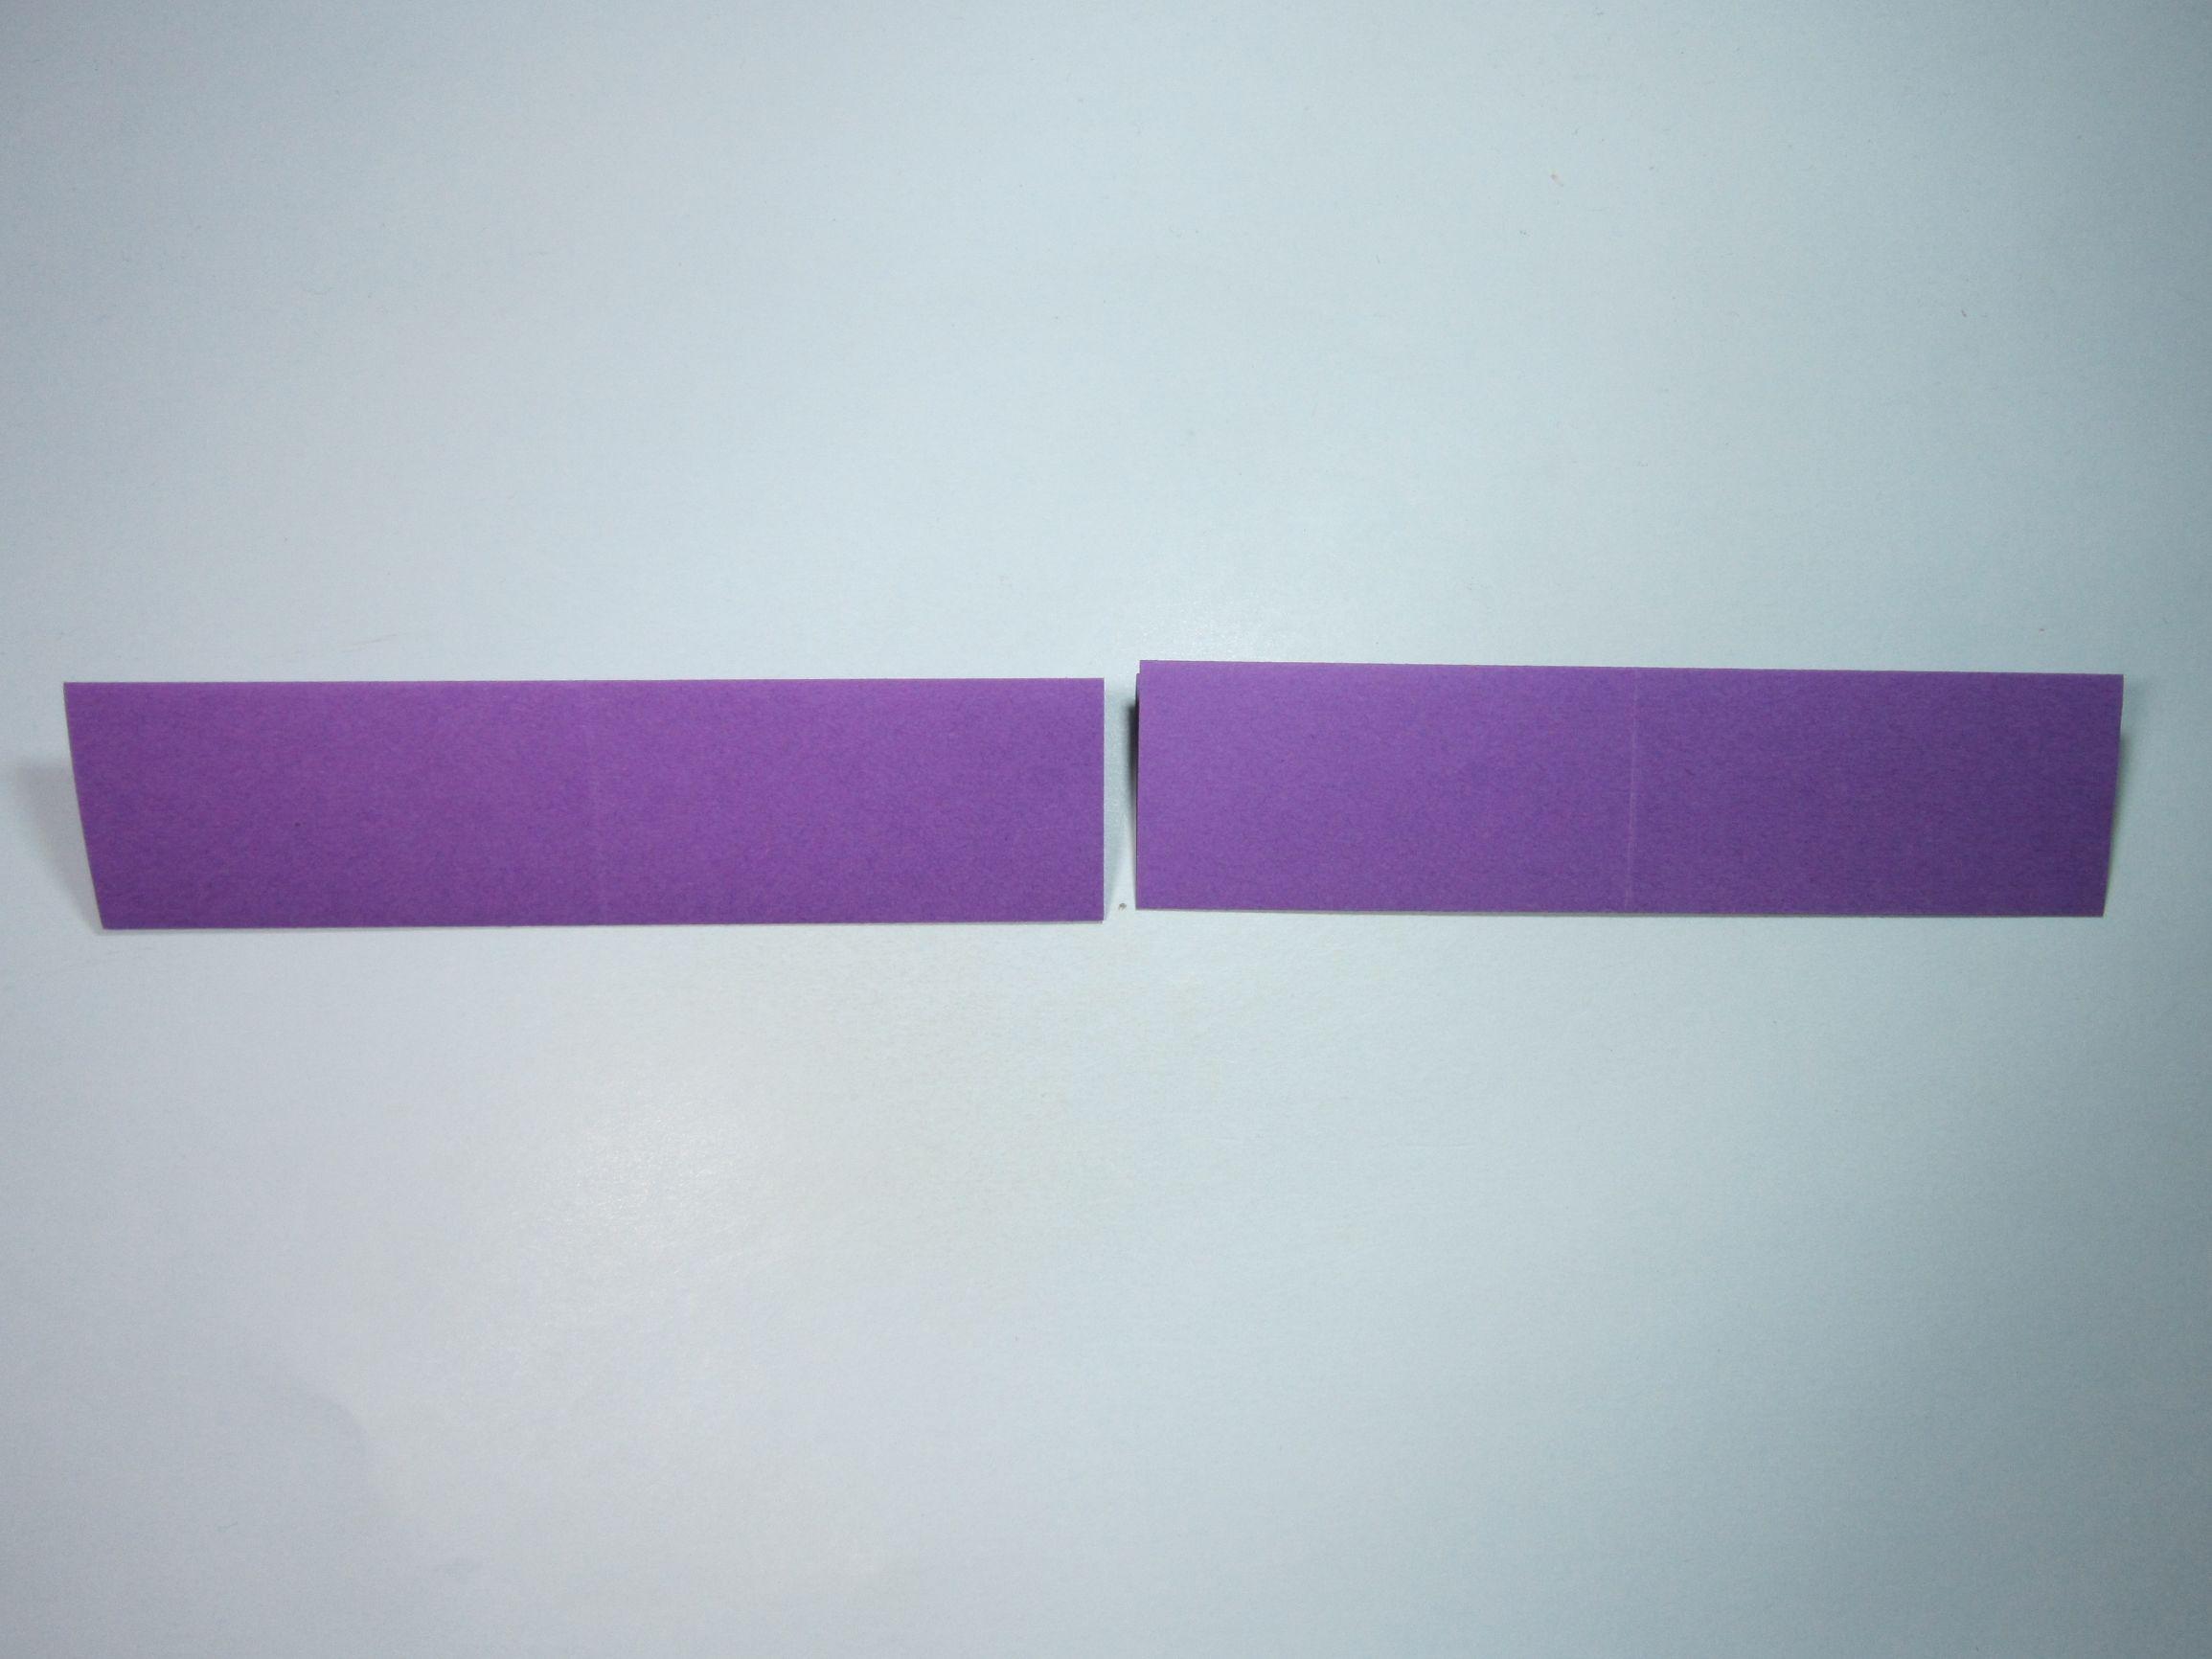 三角飞镖怎么折7步(简单飞镖的折法步骤图解)插图(3)